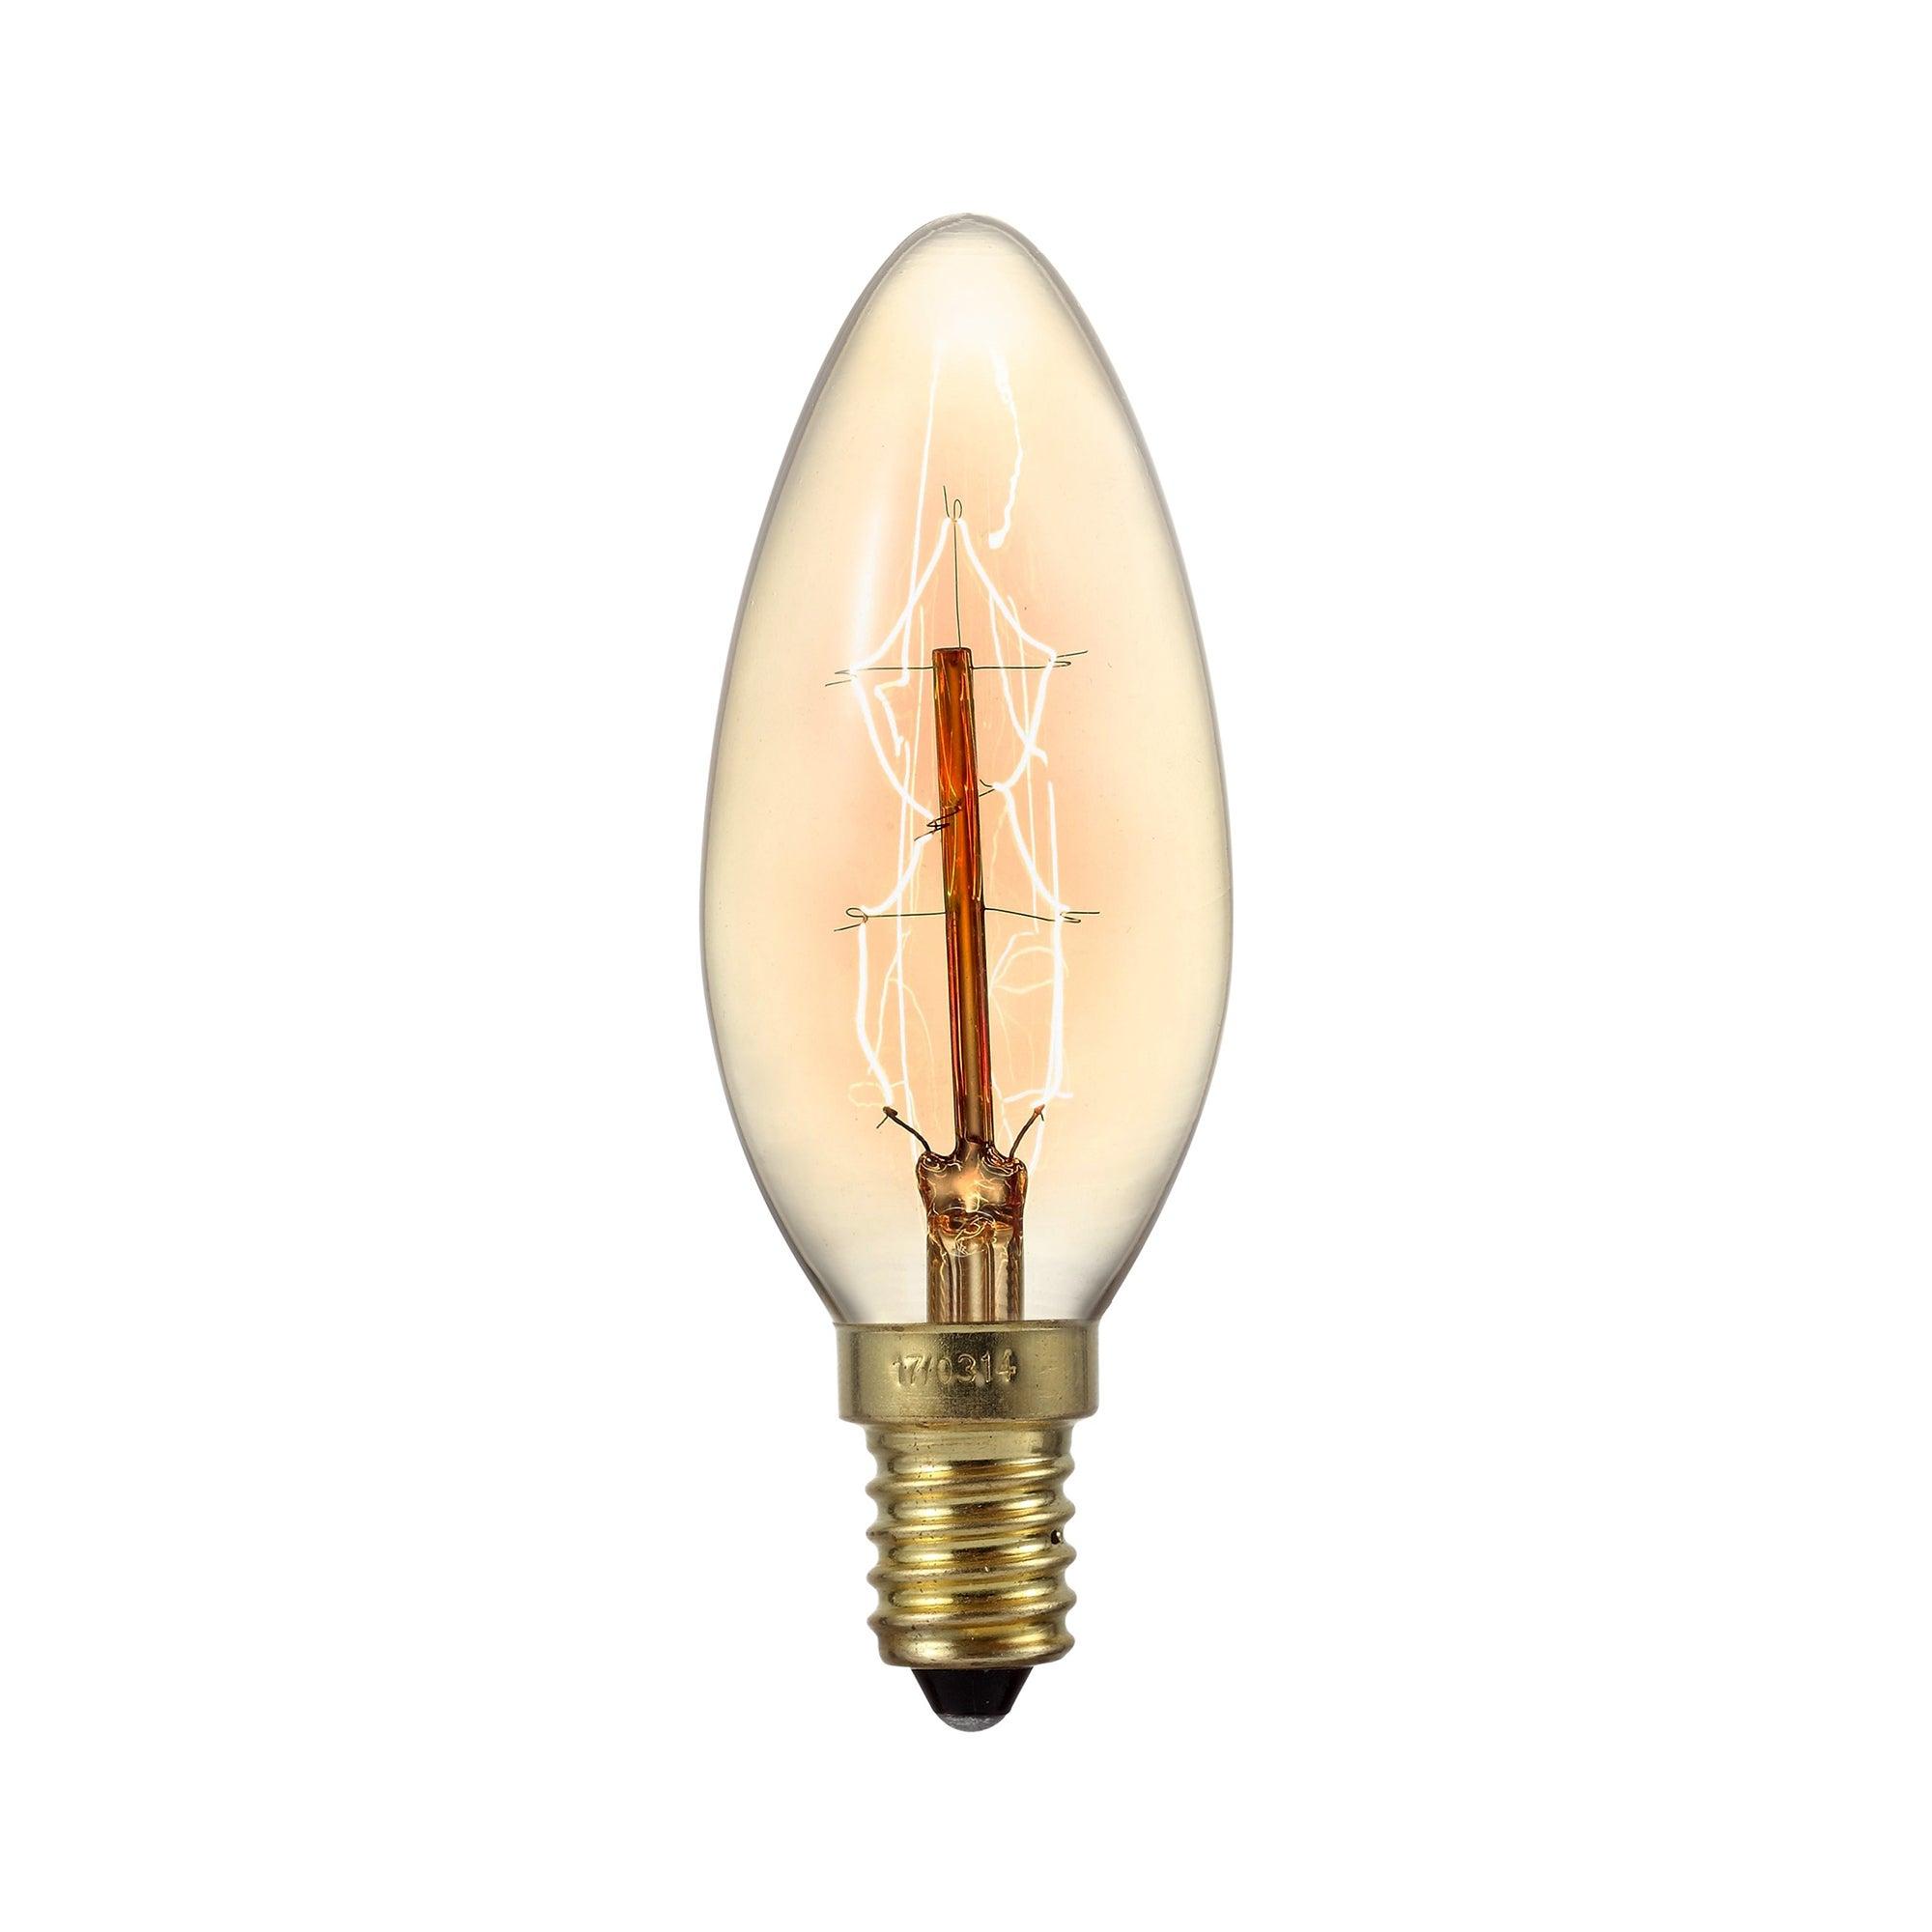 Retro 40W Small Edison Screw Decorative Candle Bulb